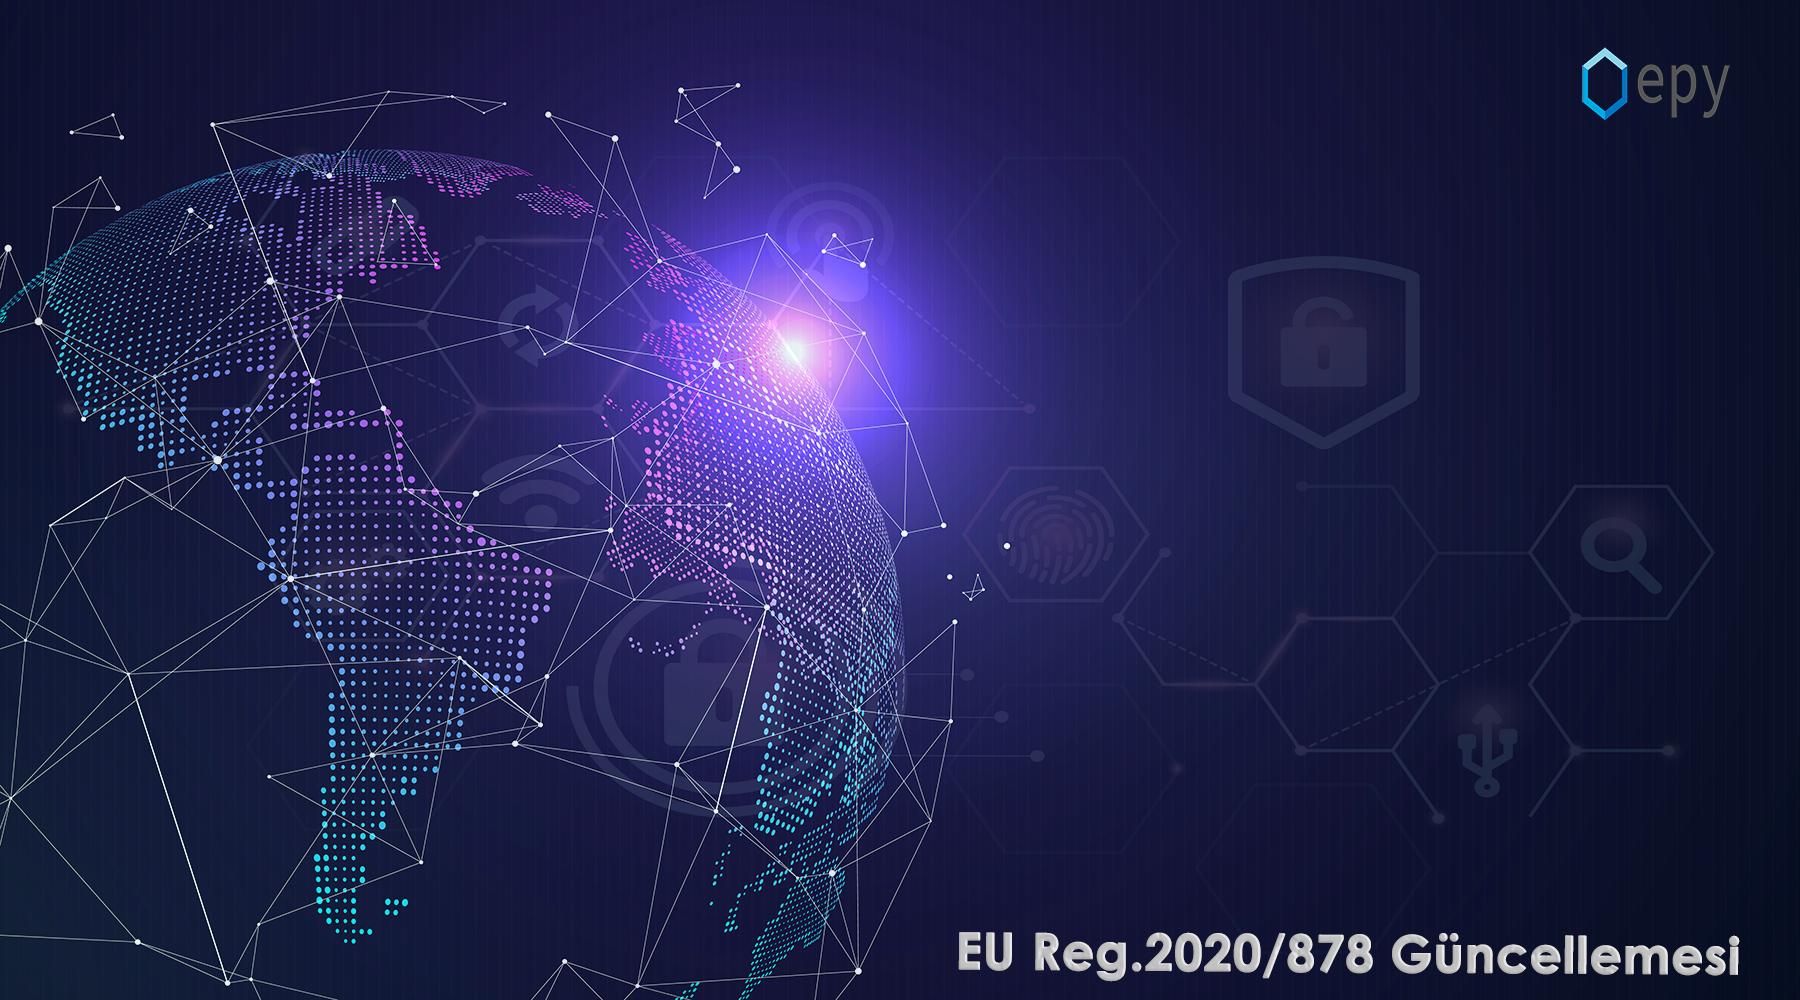 SDS Hazırlama çözümü Epy Plus; yeni düzenleme (EU) 2020/878 ile uyumlu hale geliyor !